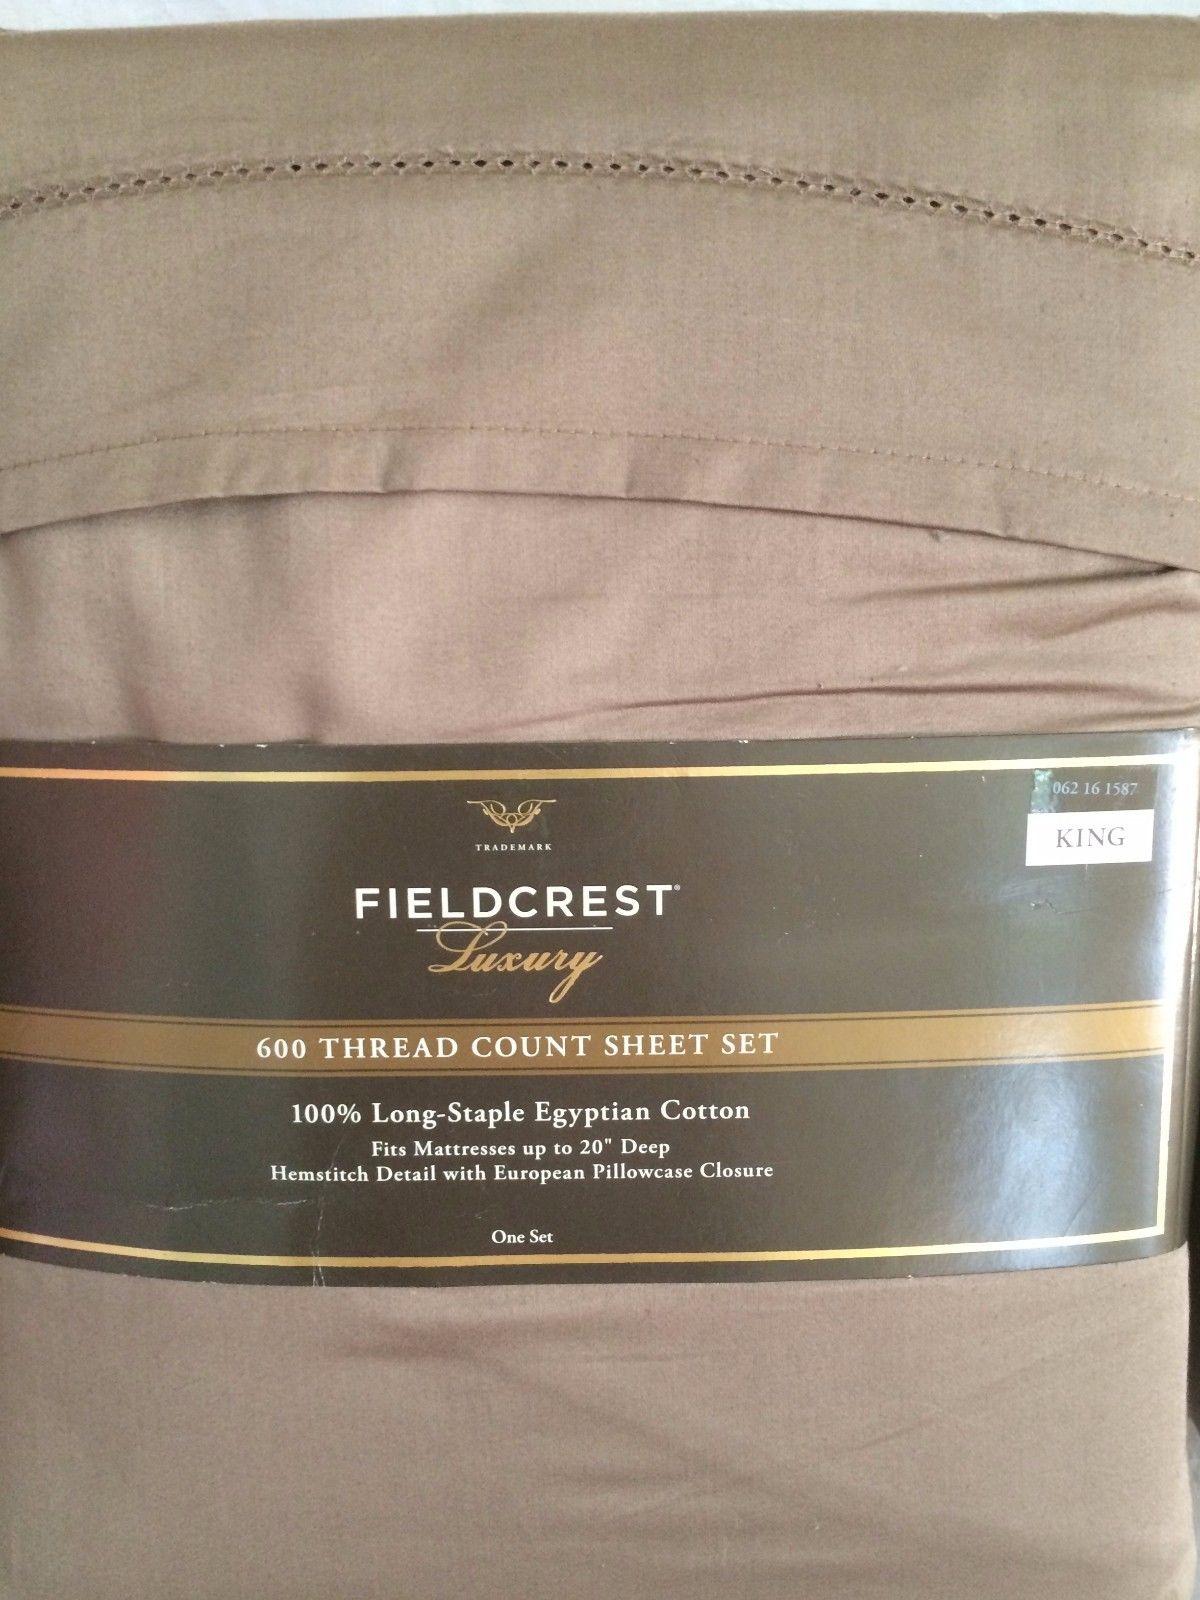 Fieldcrest Luxury Sheets | Target Queen Sheets | T Shirt Sheets Target